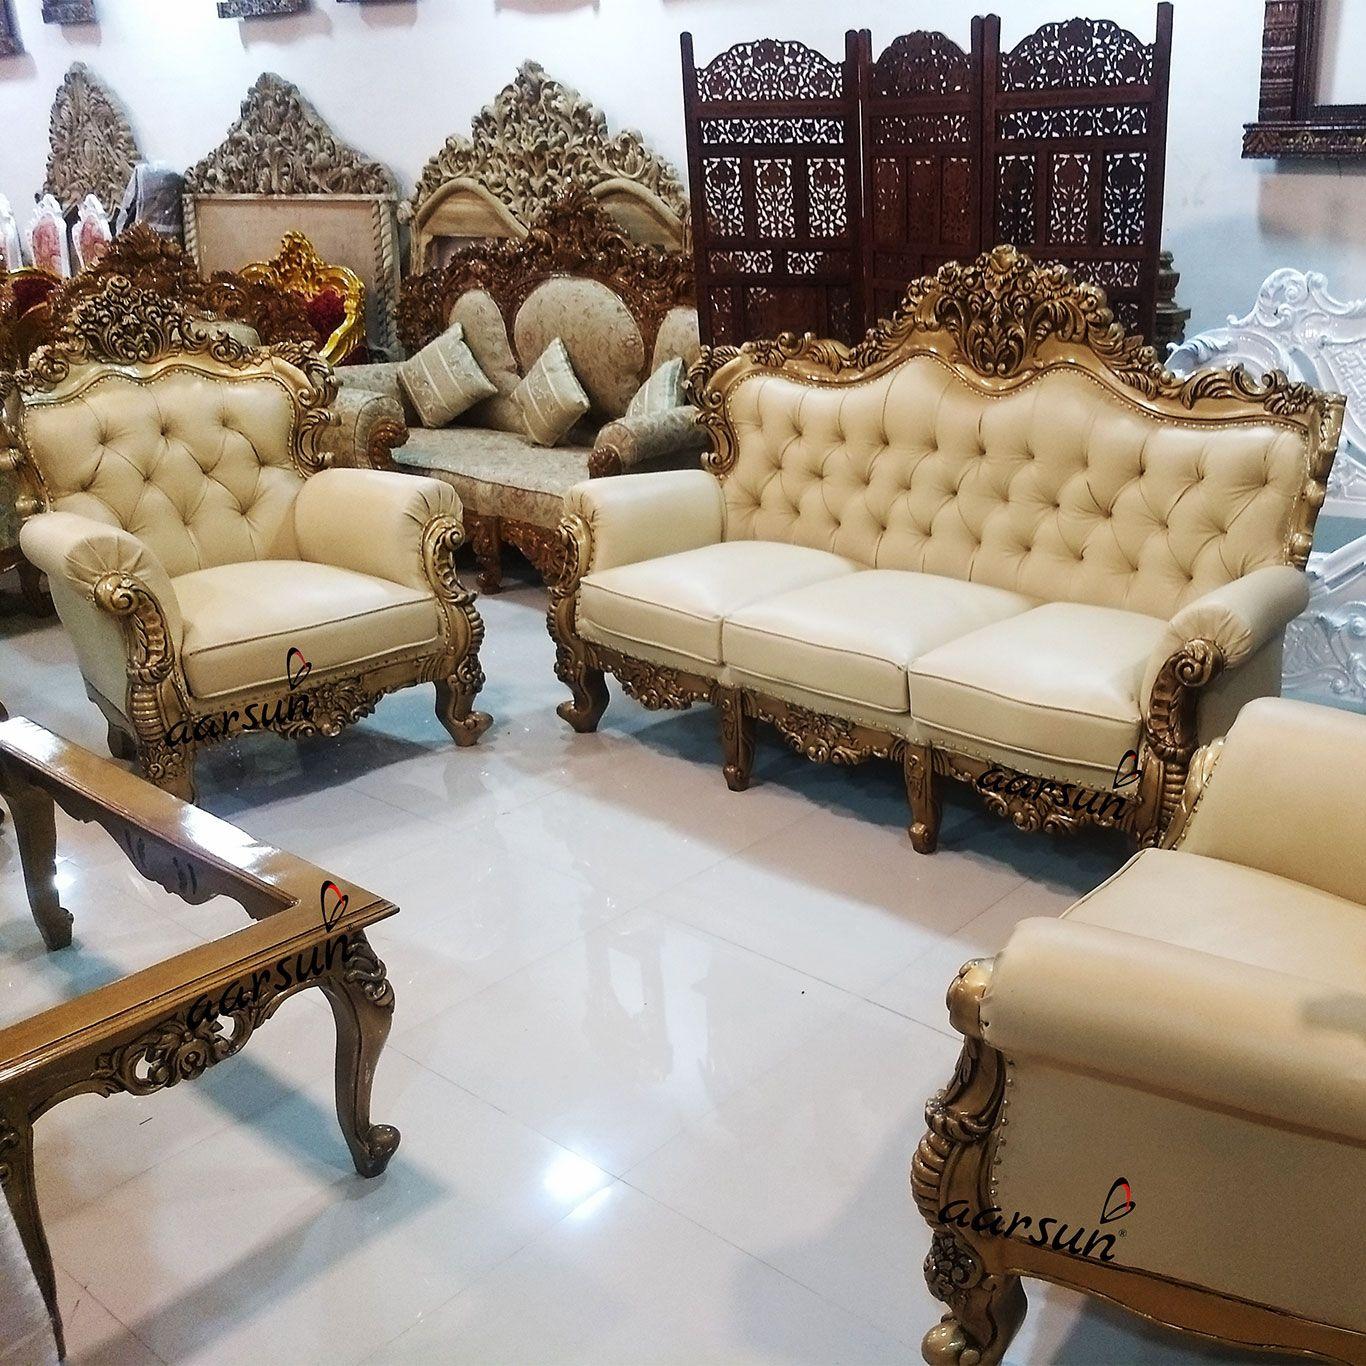 Sofa Sets For Living Room Living Room Sets Furniture Wooden Living Room Wooden Living Room Furniture